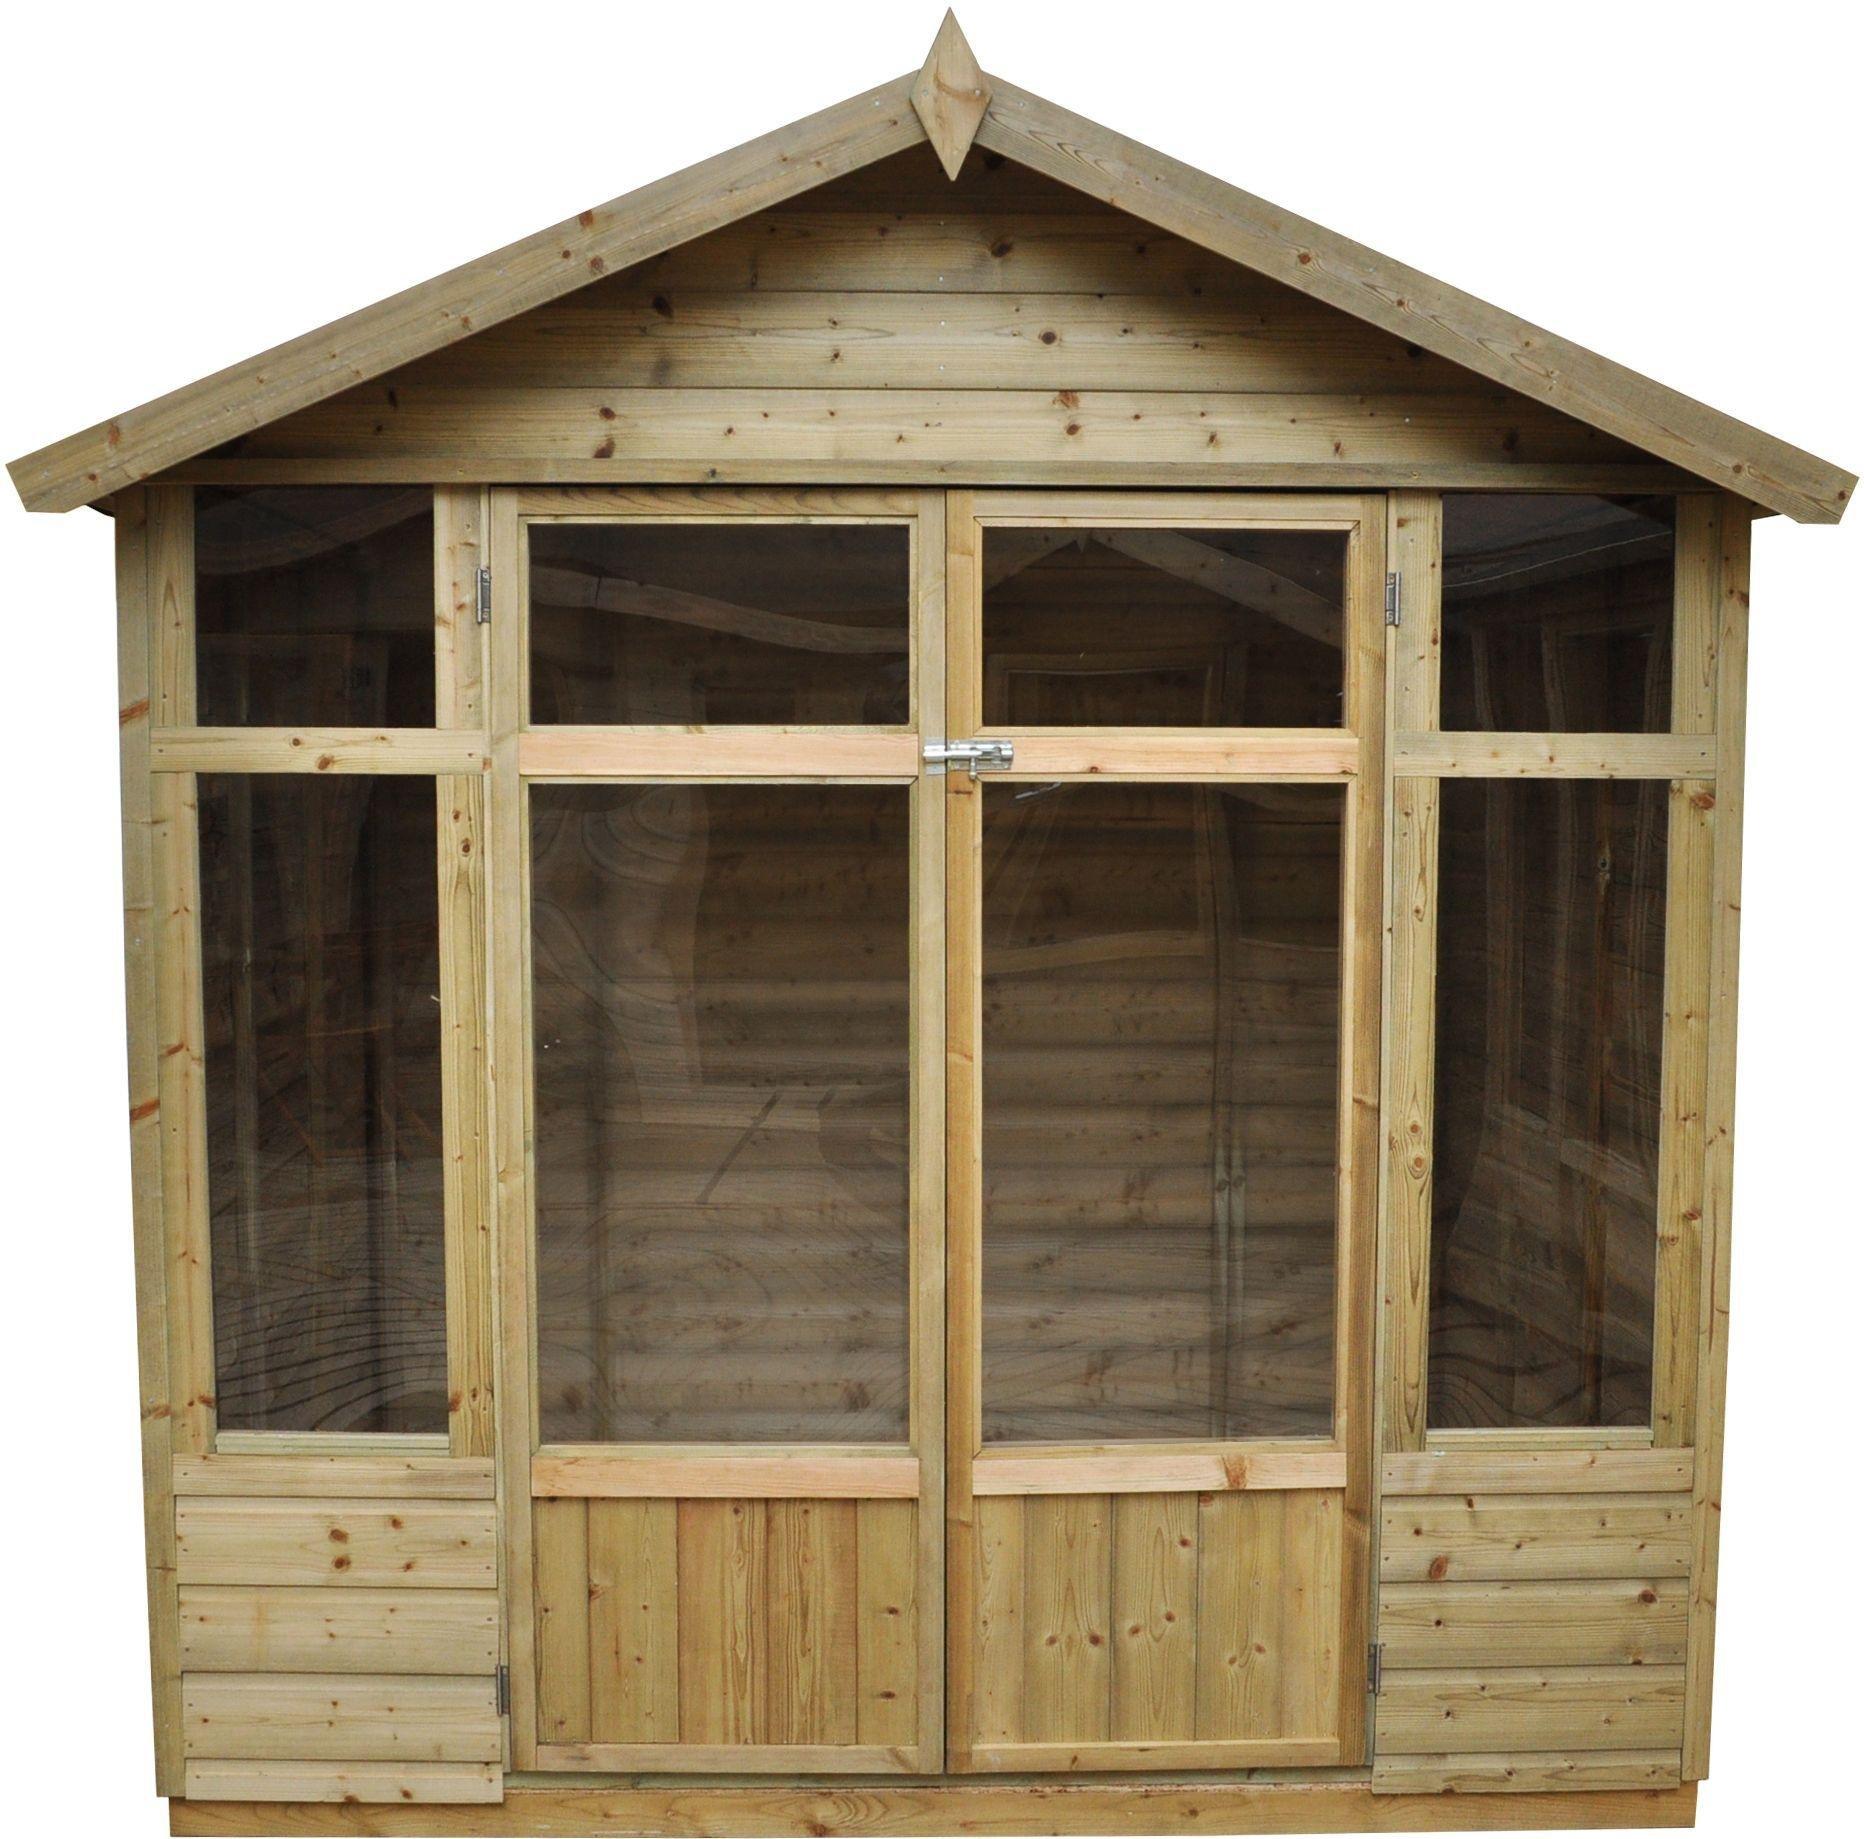 Forest Bloxham Wooden Summerhouse - 7 x 5ft